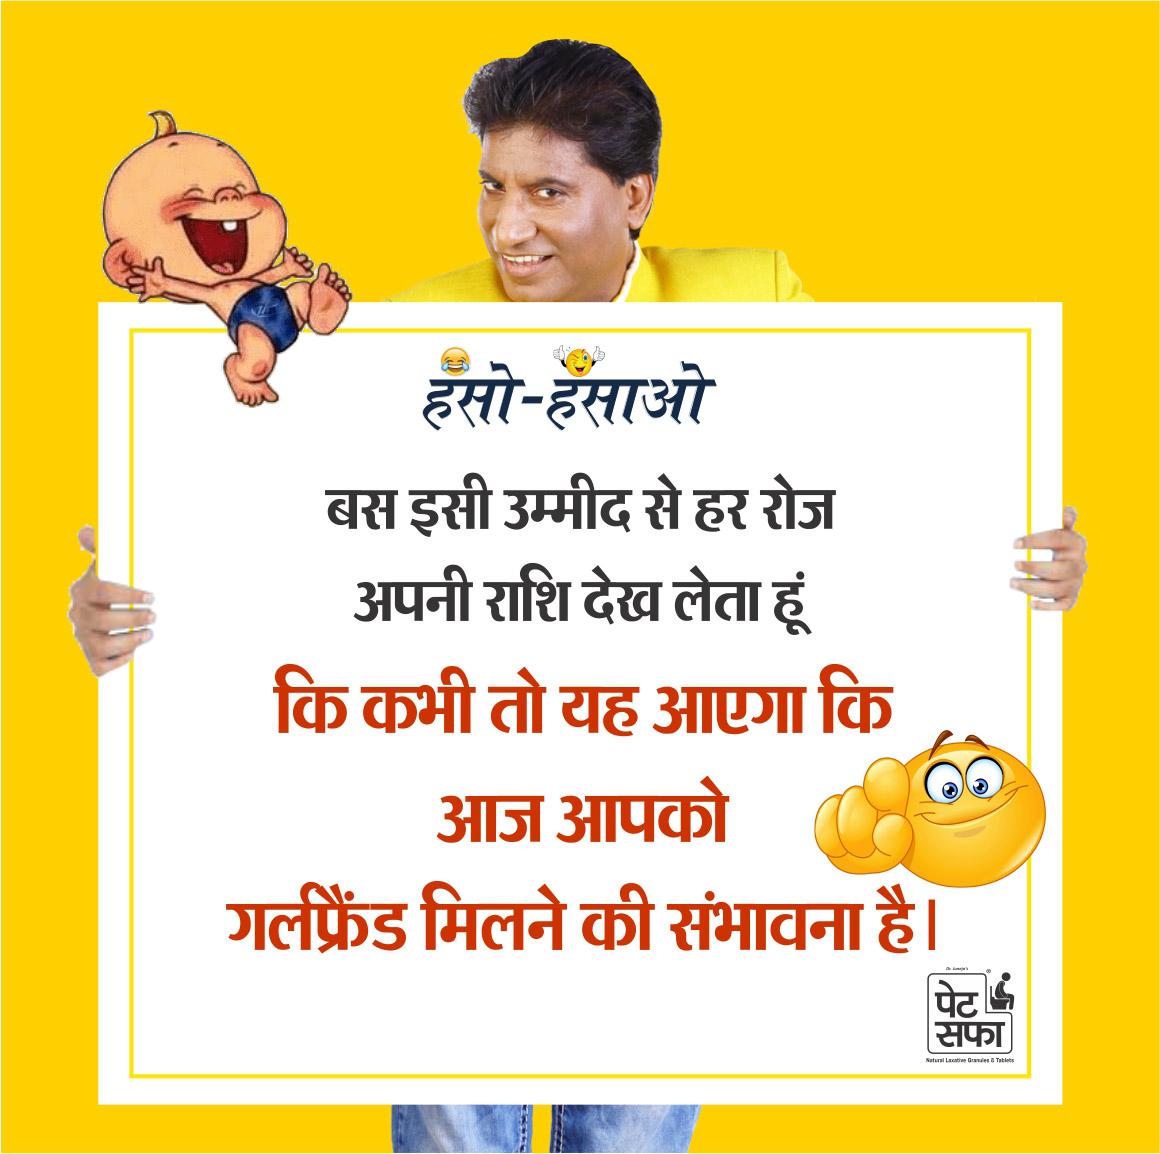 Chutkule: चुटकुले, Funny Jokes in Hindi,